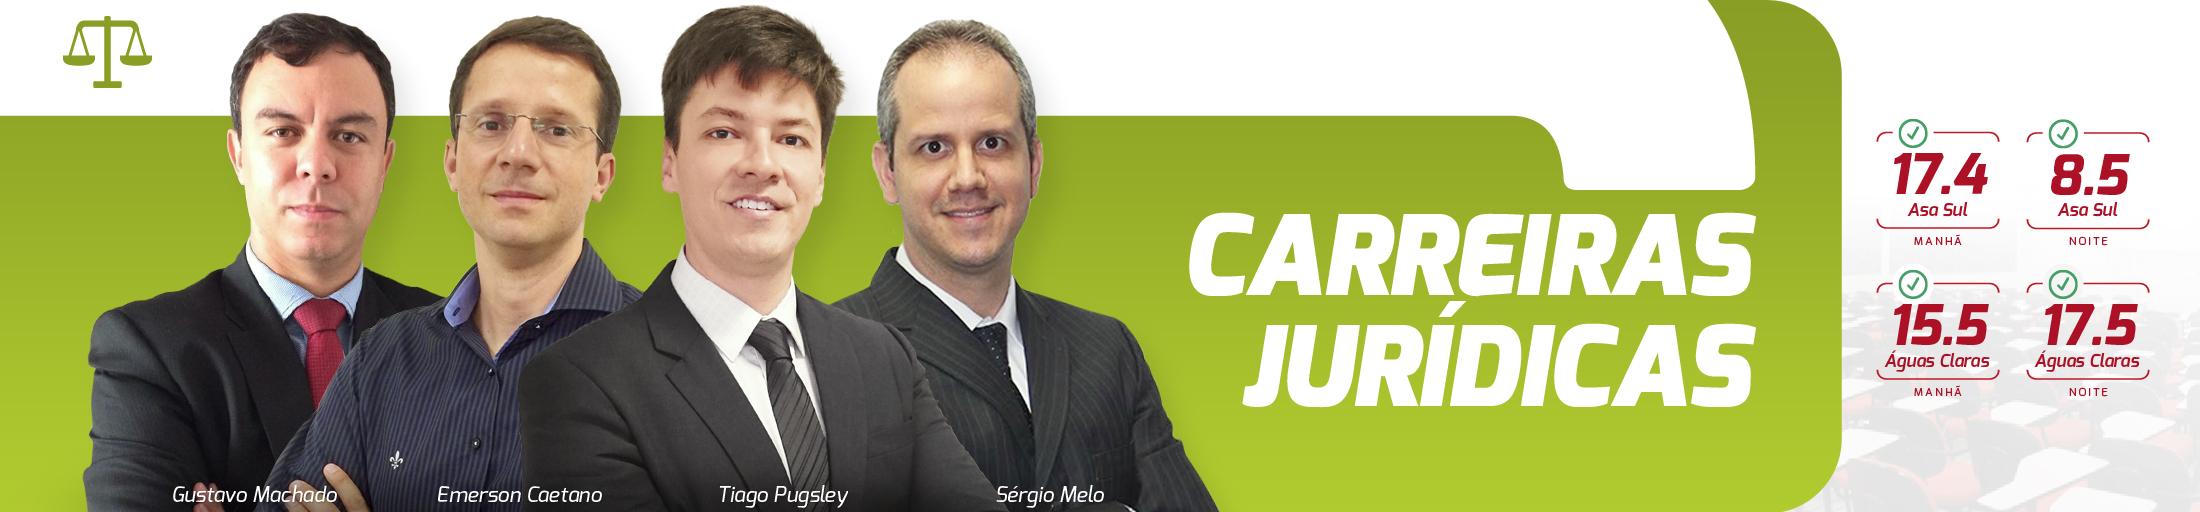 BANNER-SITE-CARREIRAS-JURIDICAS